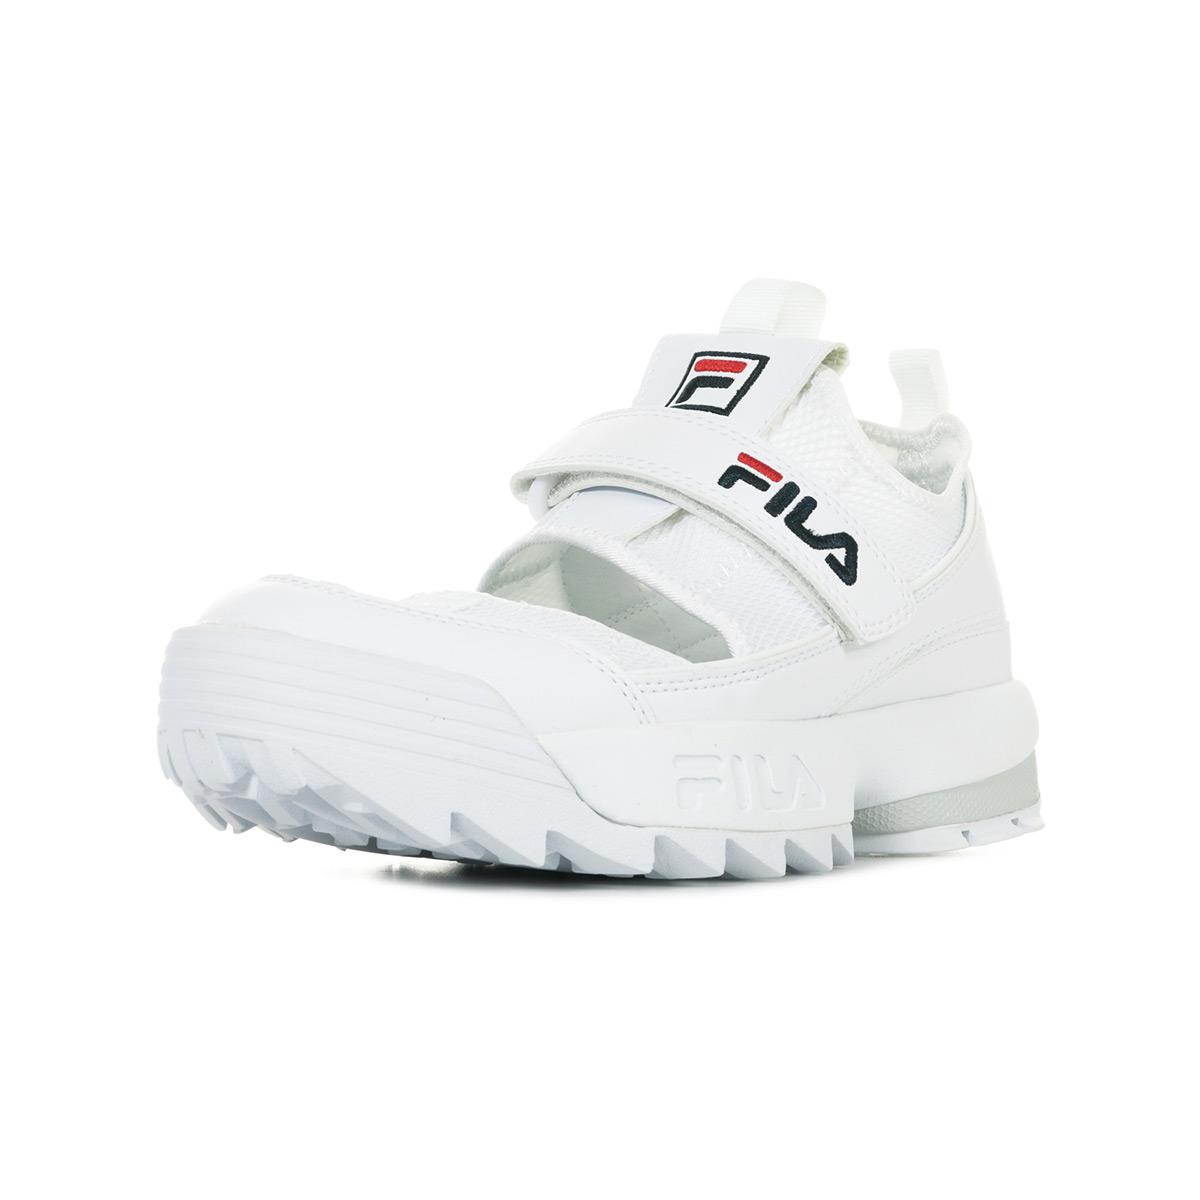 Fila Disruptor Half Sandal Wn's 10106101FG, Baskets mode femme